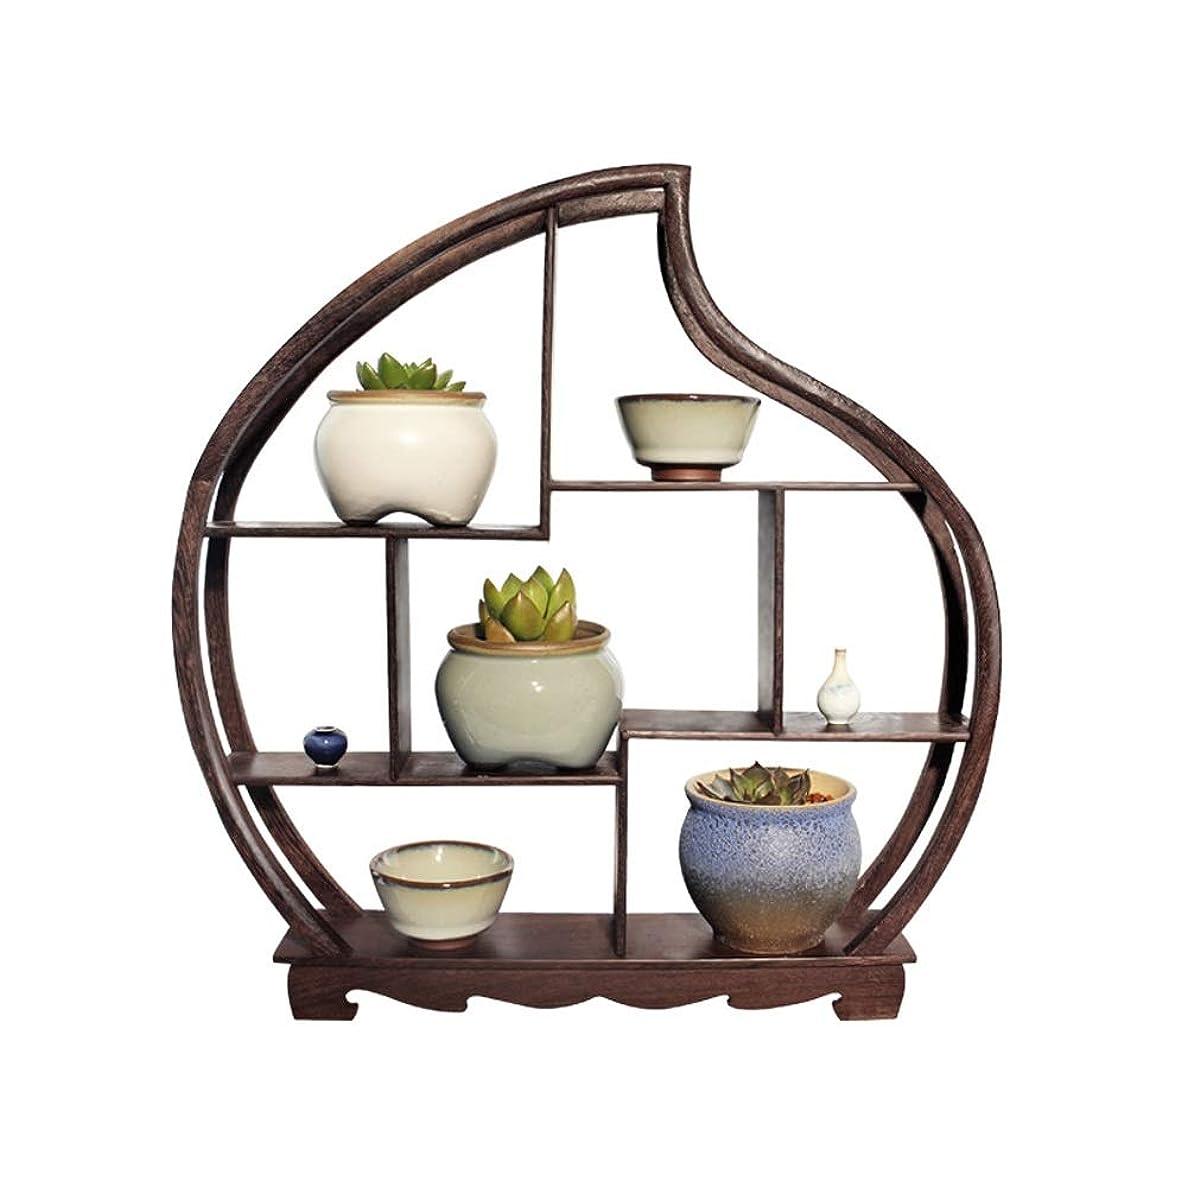 検査官通りアクションLWT 多肉植物の花フレーム木枠新しい中国茶室ディスプレイスタンド無垢材小さな装飾品窓枠棚38×40センチ